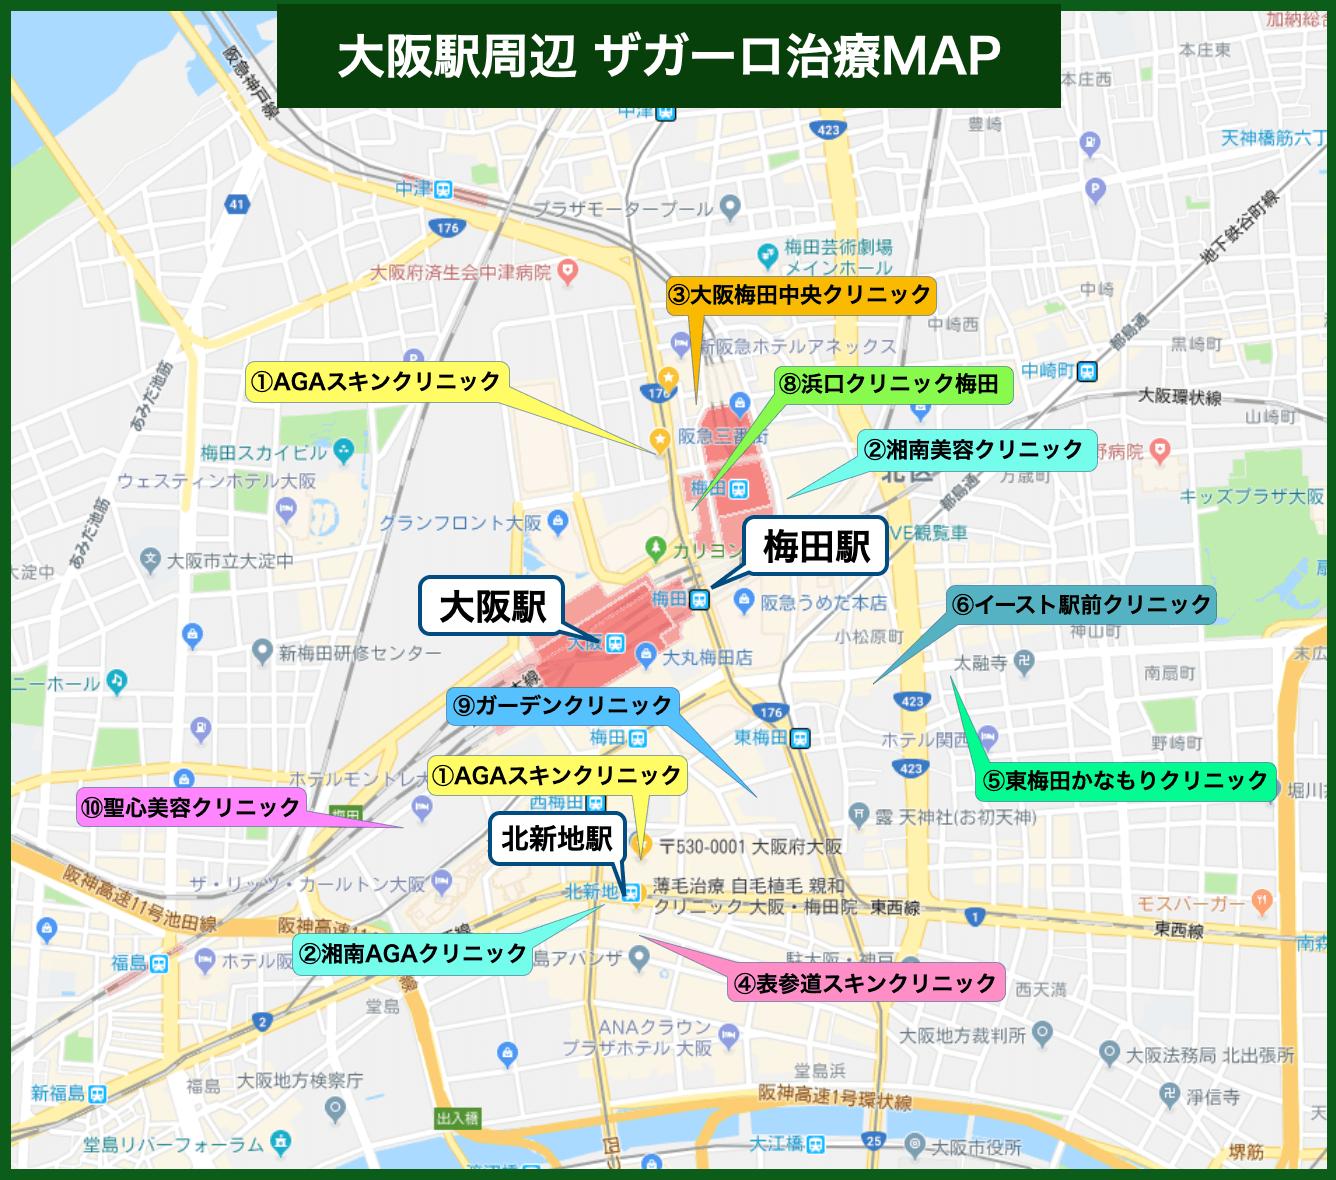 大阪駅周辺 ザガーロ治療MAP